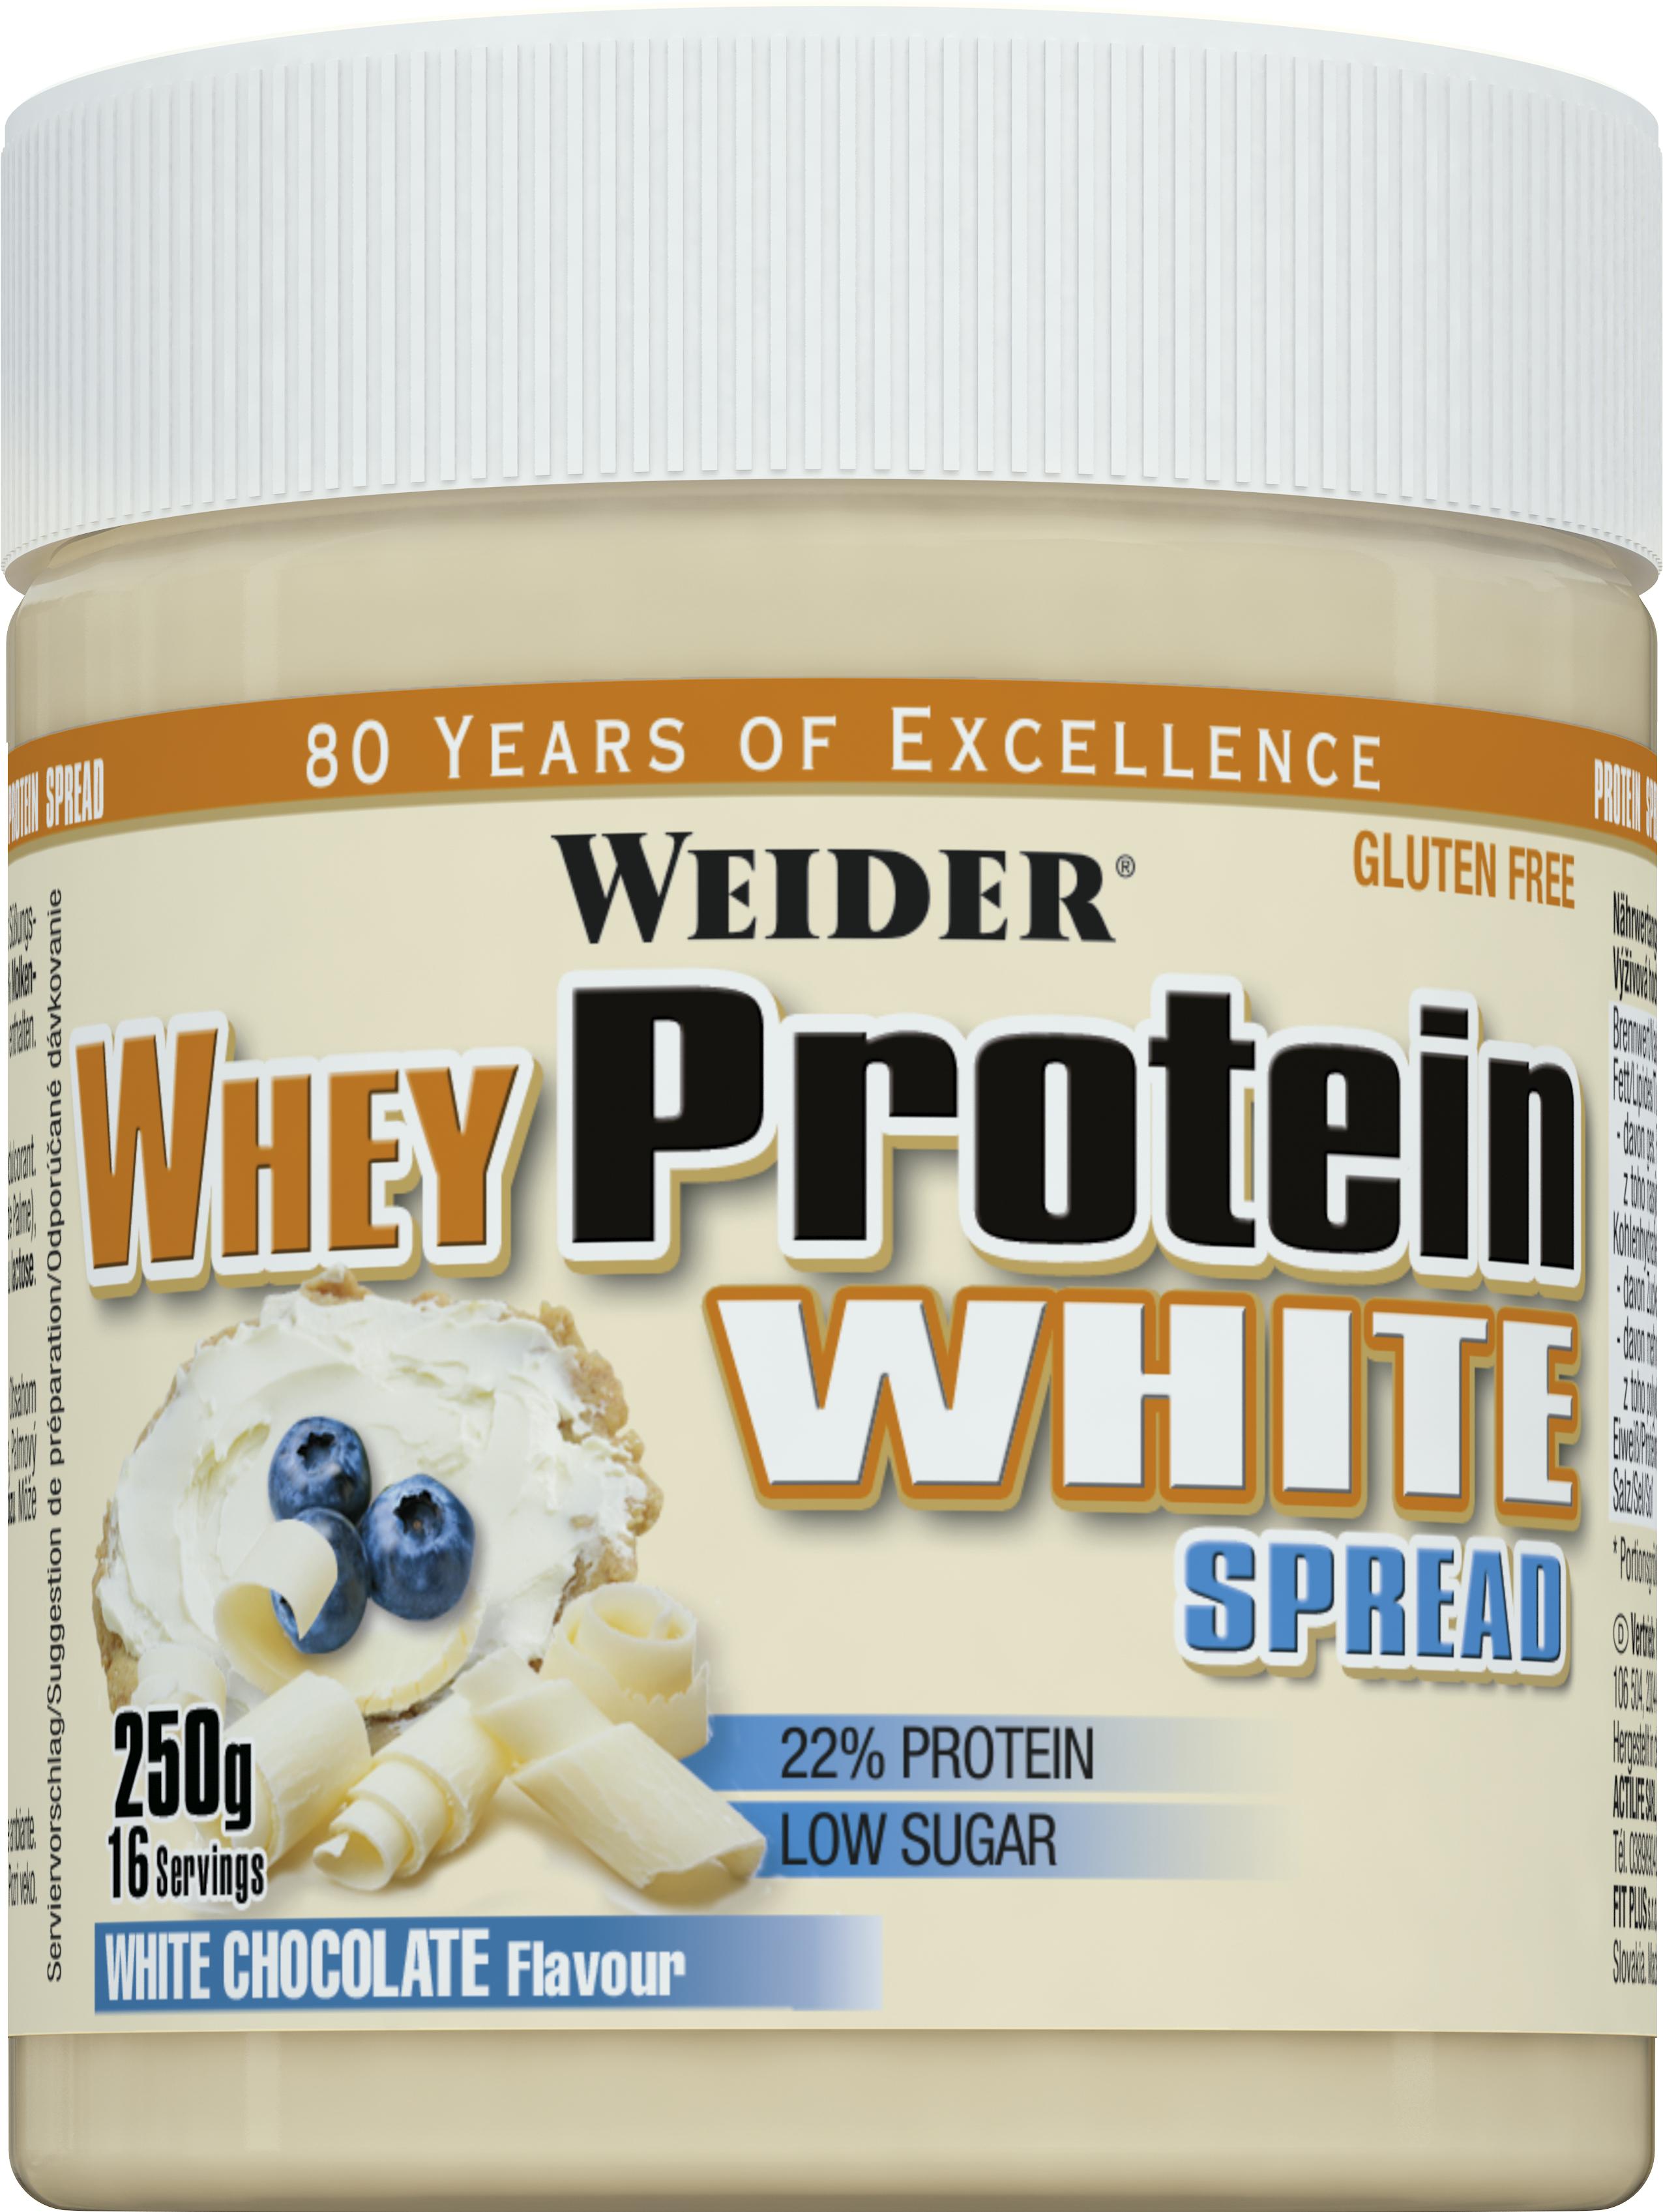 Weider Whey protein white spread, 250g